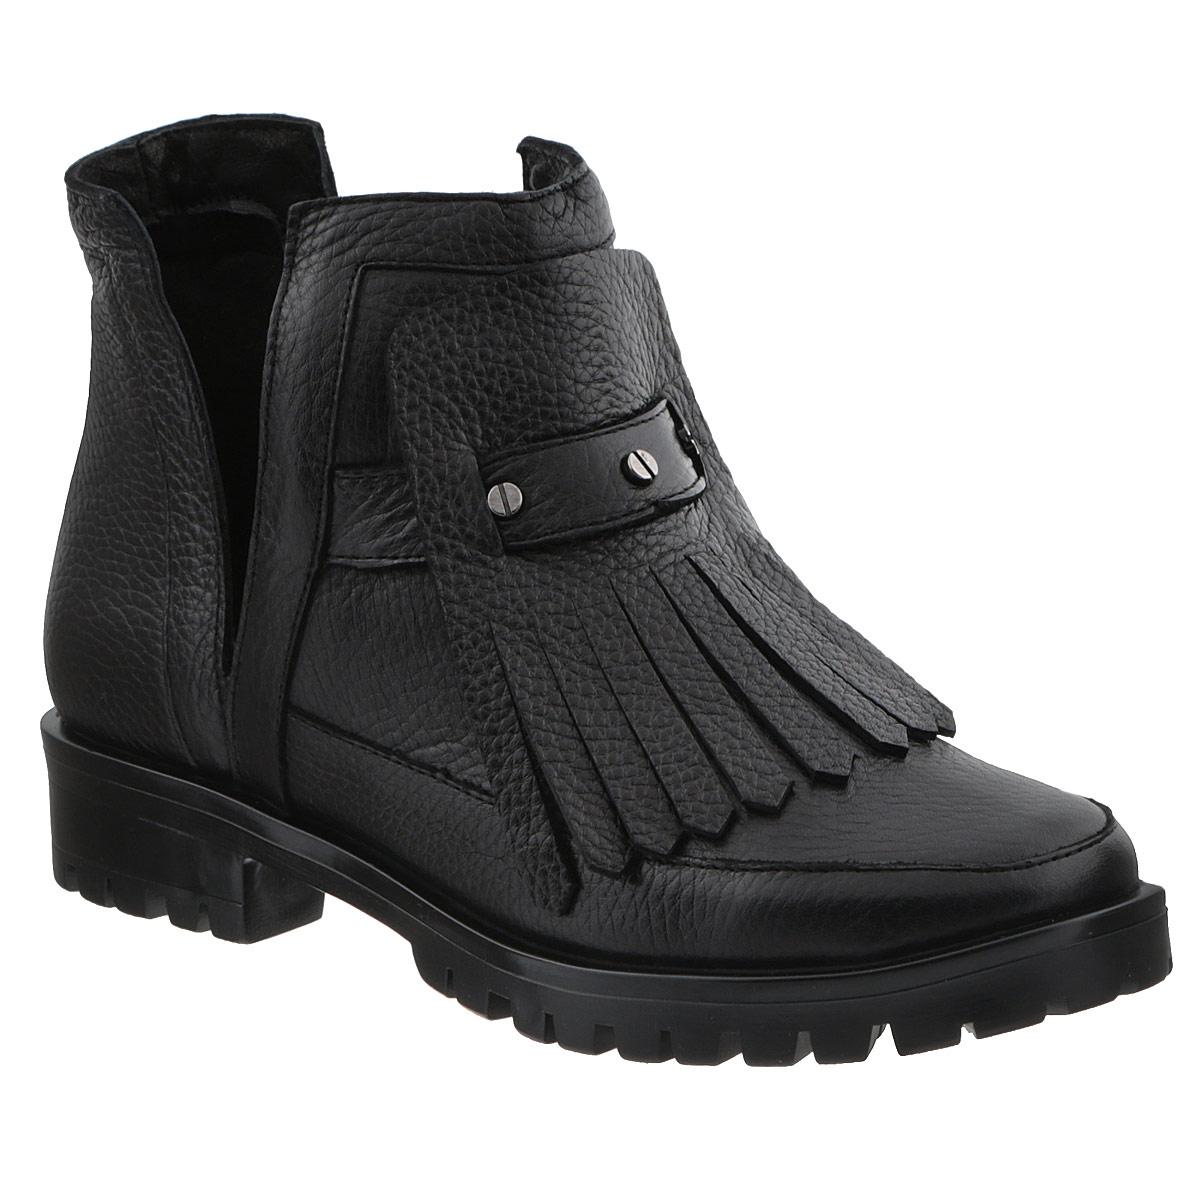 D15KB-0227Оригинальные женские ботинки от Grand Style поразят вас своим дизайном! Модель выполнена из натуральной высококачественной кожи. Подъем оформлен декоративным ремнем с металлическими заклепками, стилизованными под шурупы, и кожаной накладкой с бахромой. Боковые стороны дополнены глубокими V-образными вырезами. Отсутствие застежек компенсировано шириной голенища. Невероятно мягкая стелька из текстиля обеспечивает максимальный комфорт при движении. Каблук и подошва с рифленым протектором не скользят. Эффектные ботинки помогут вам создать яркий, запоминающийся образ и выделиться среди окружающих.